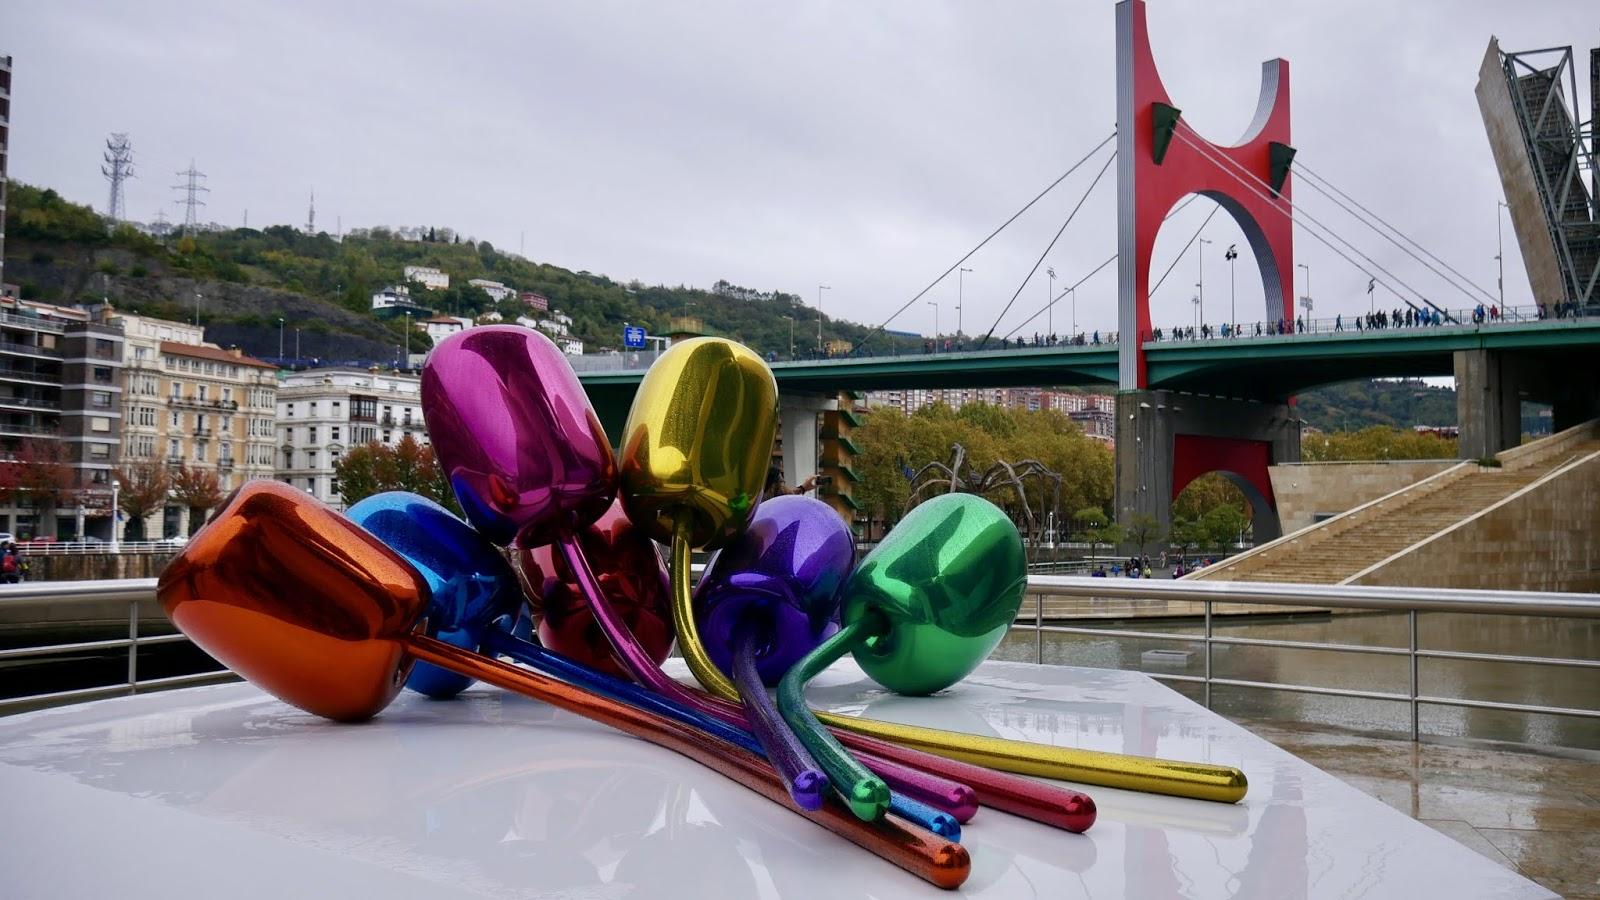 Tulipes Jeff Koons et Pont de la Salve Musée Guggenheim Bilbao Pays Basque Espagne